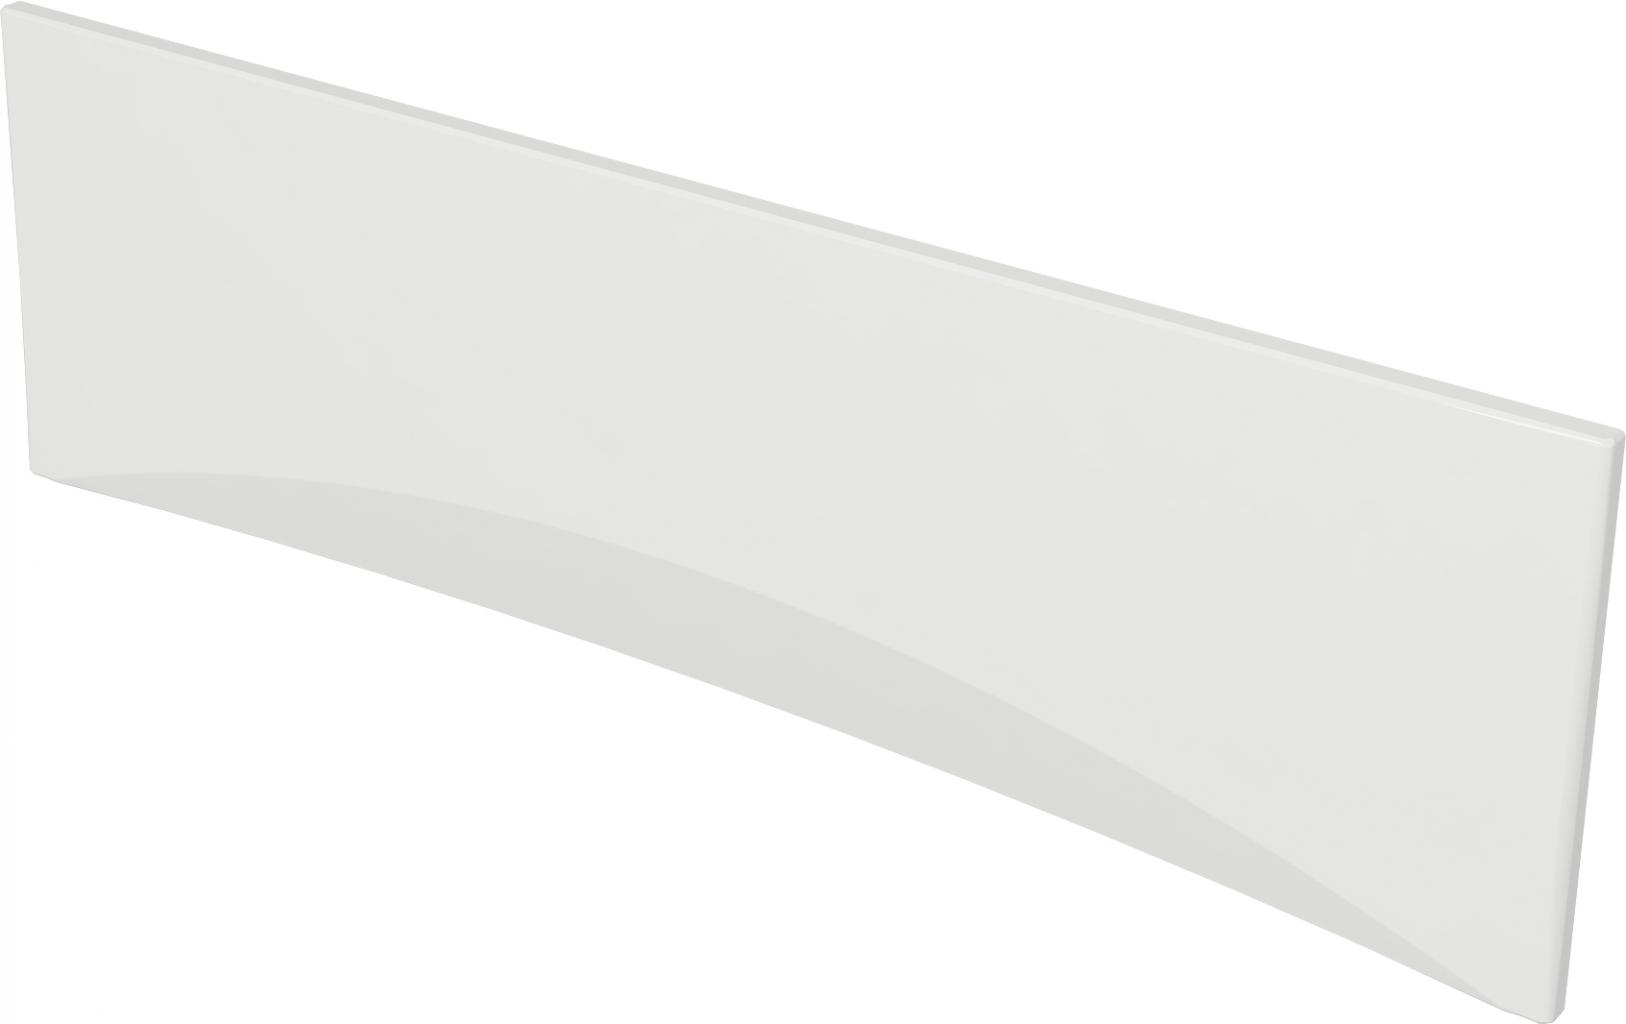 PŘEDNÍ PANEL K VANĚ VIRGO/ ZEN 180 cm (S401-088) - CERSANIT